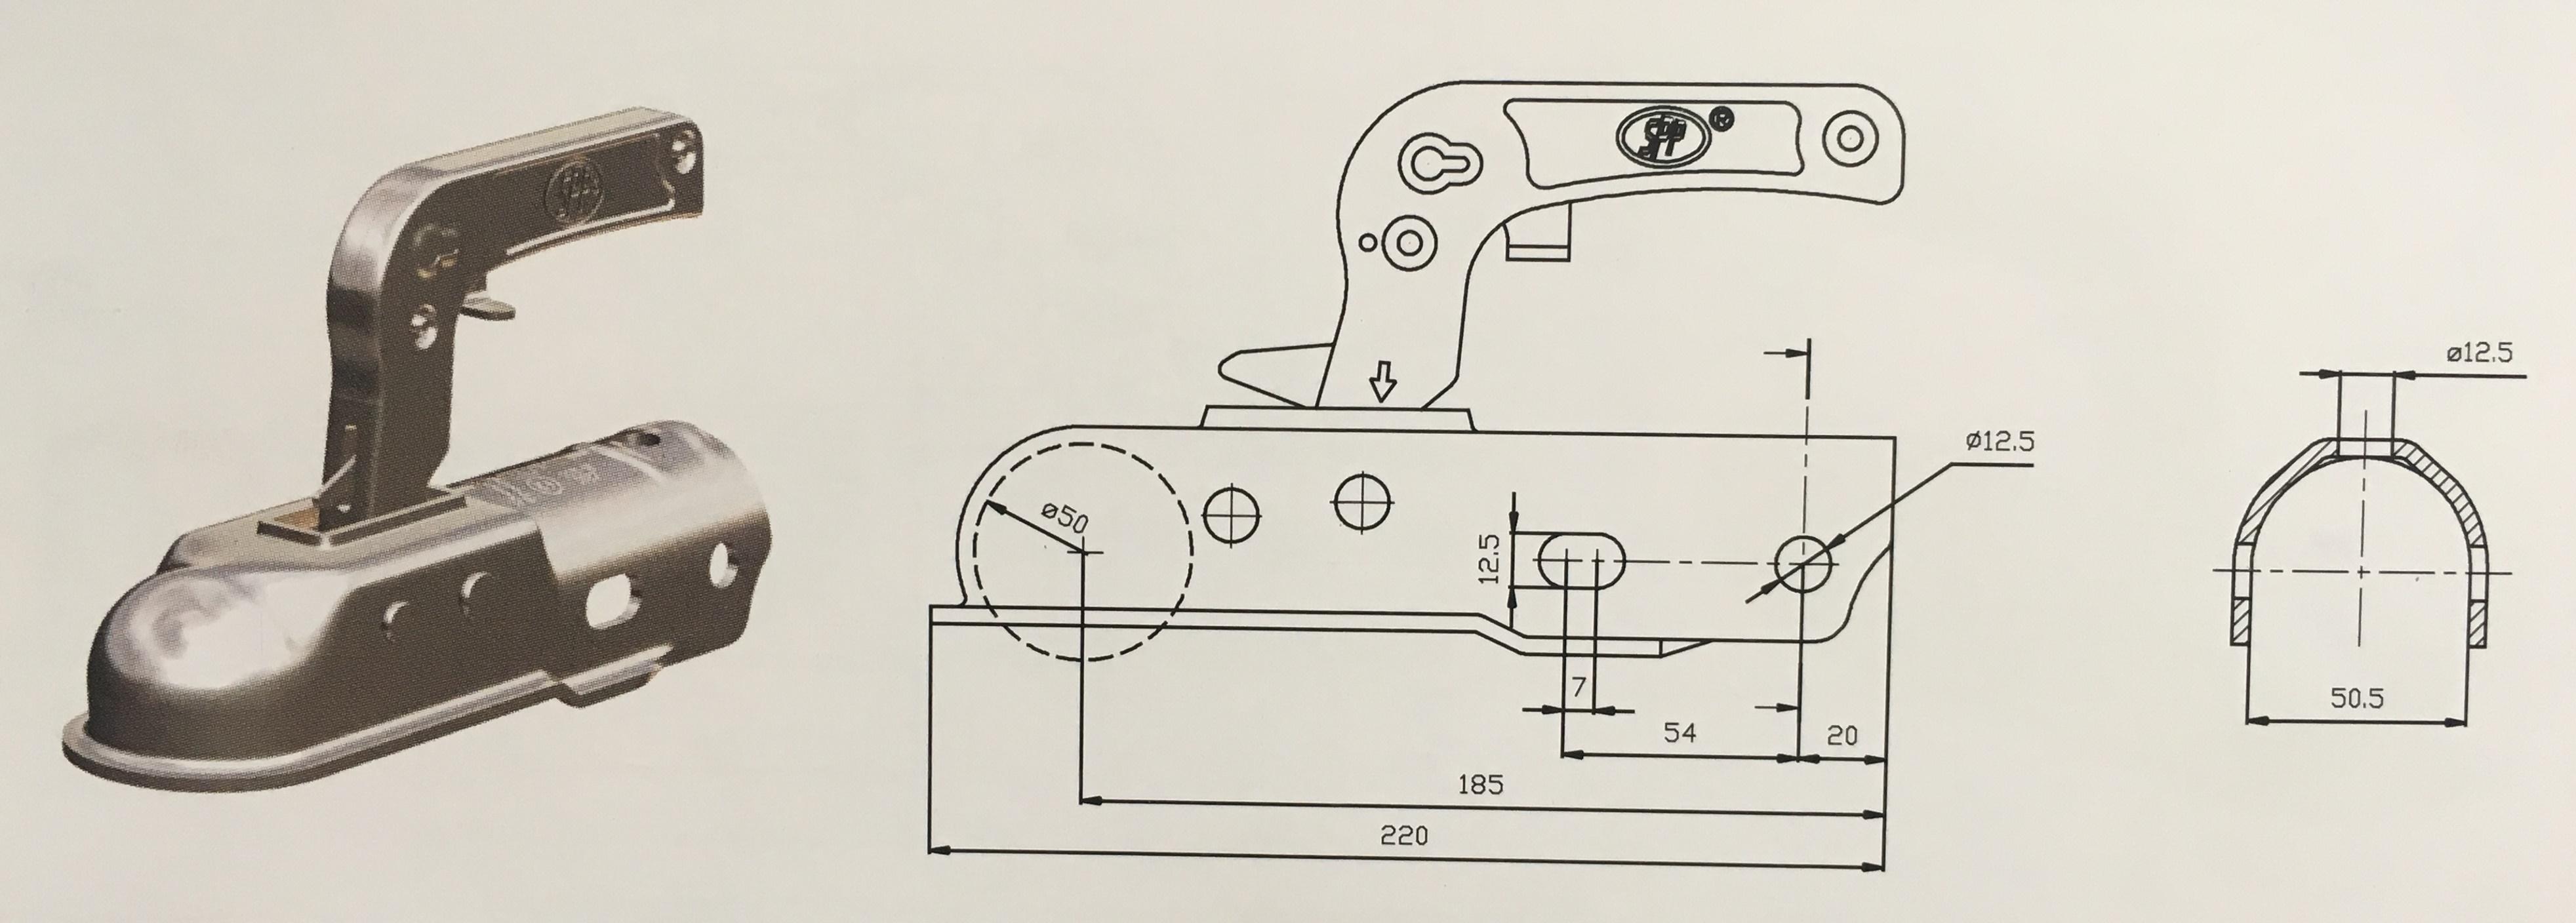 Závěsné zařízení (kloub) 1300 kg pr50mm kulaté, dvě boční díry a 1 horní díra